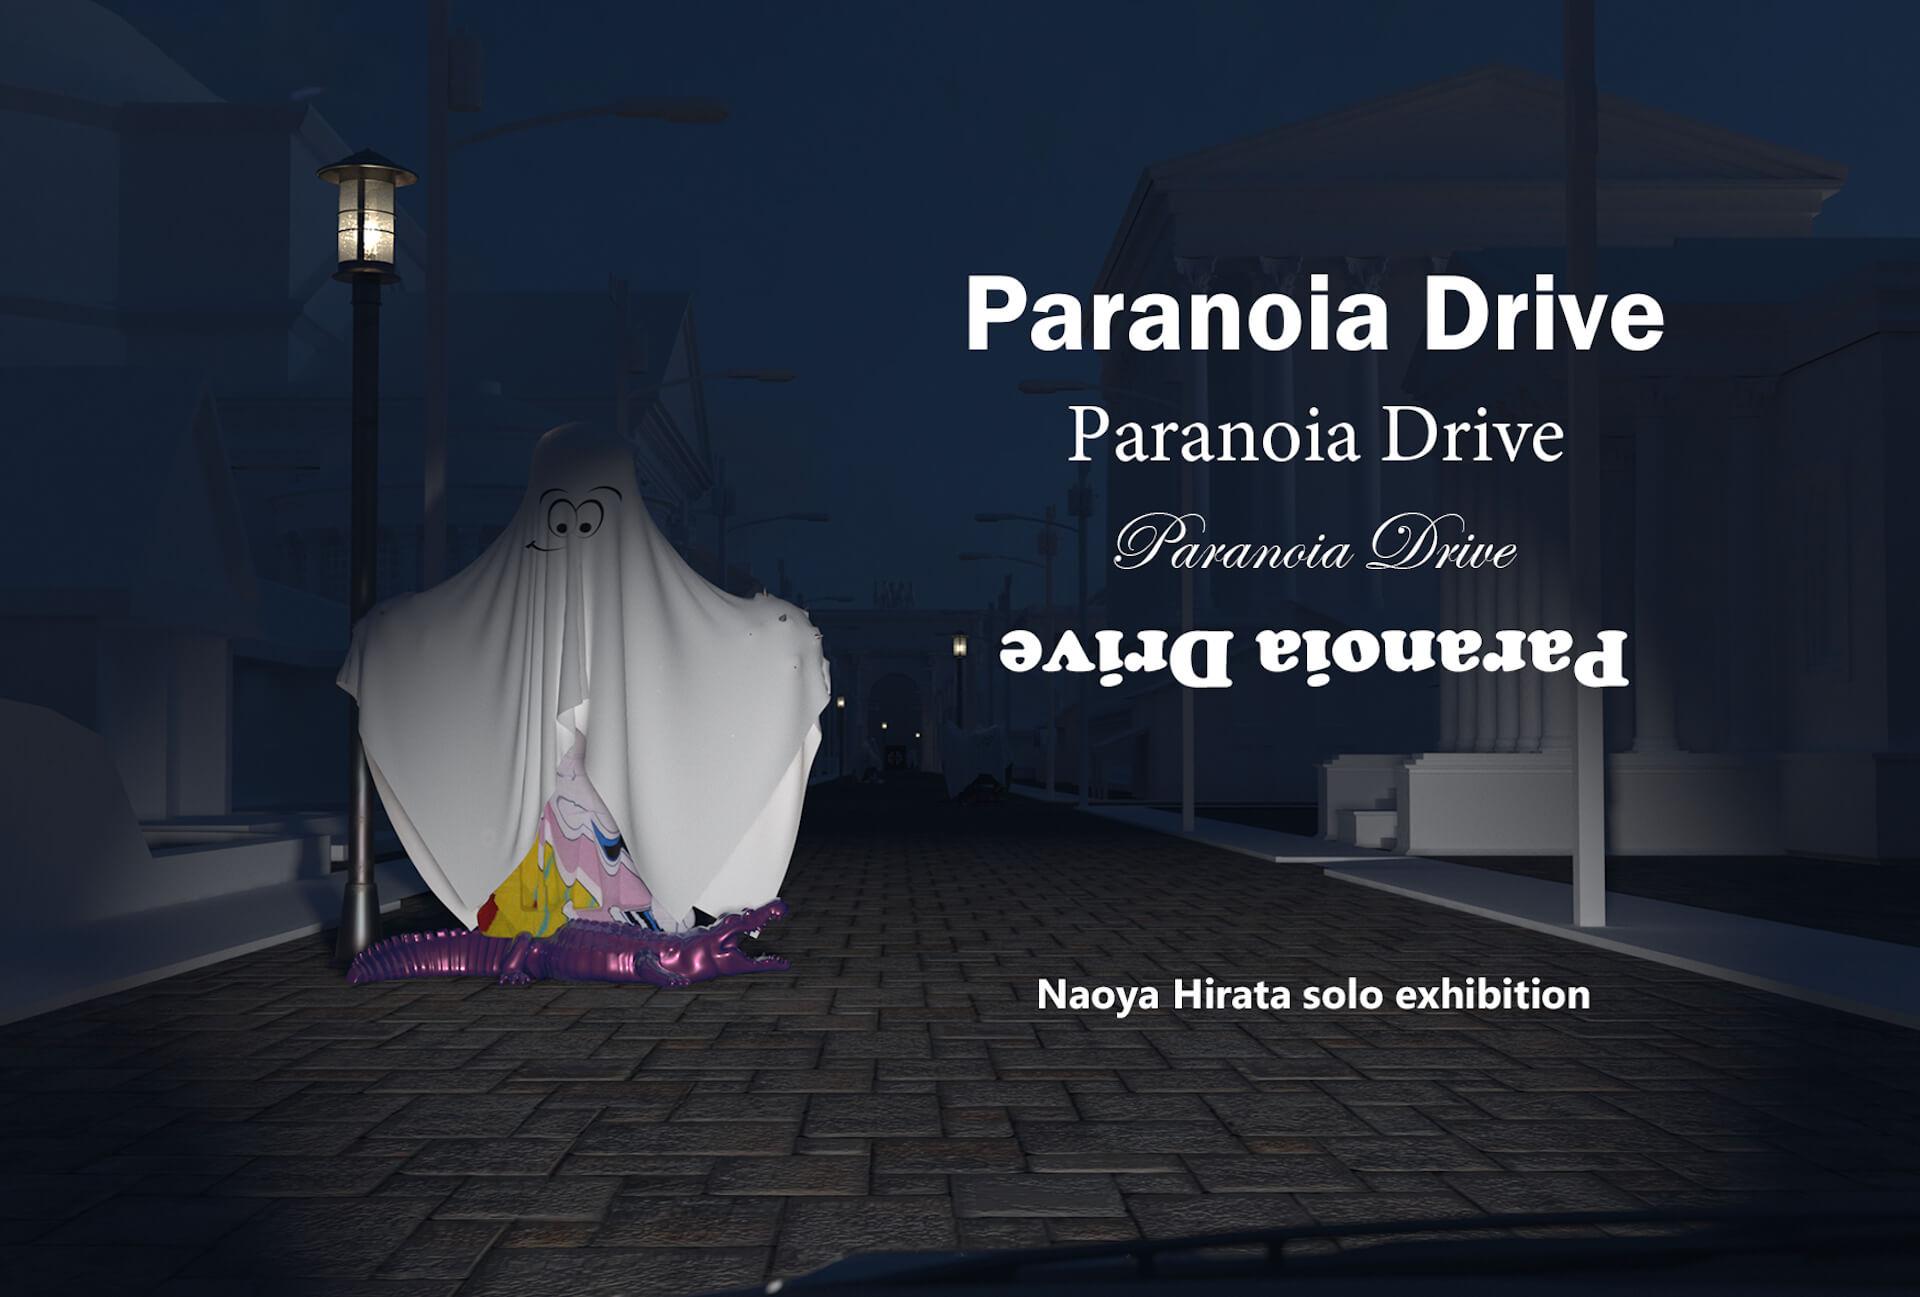 平田尚也による新作個展<Paranoia Drive>がANAGRAにて開催 art-culture191215-paranoia-drive-anagra-7